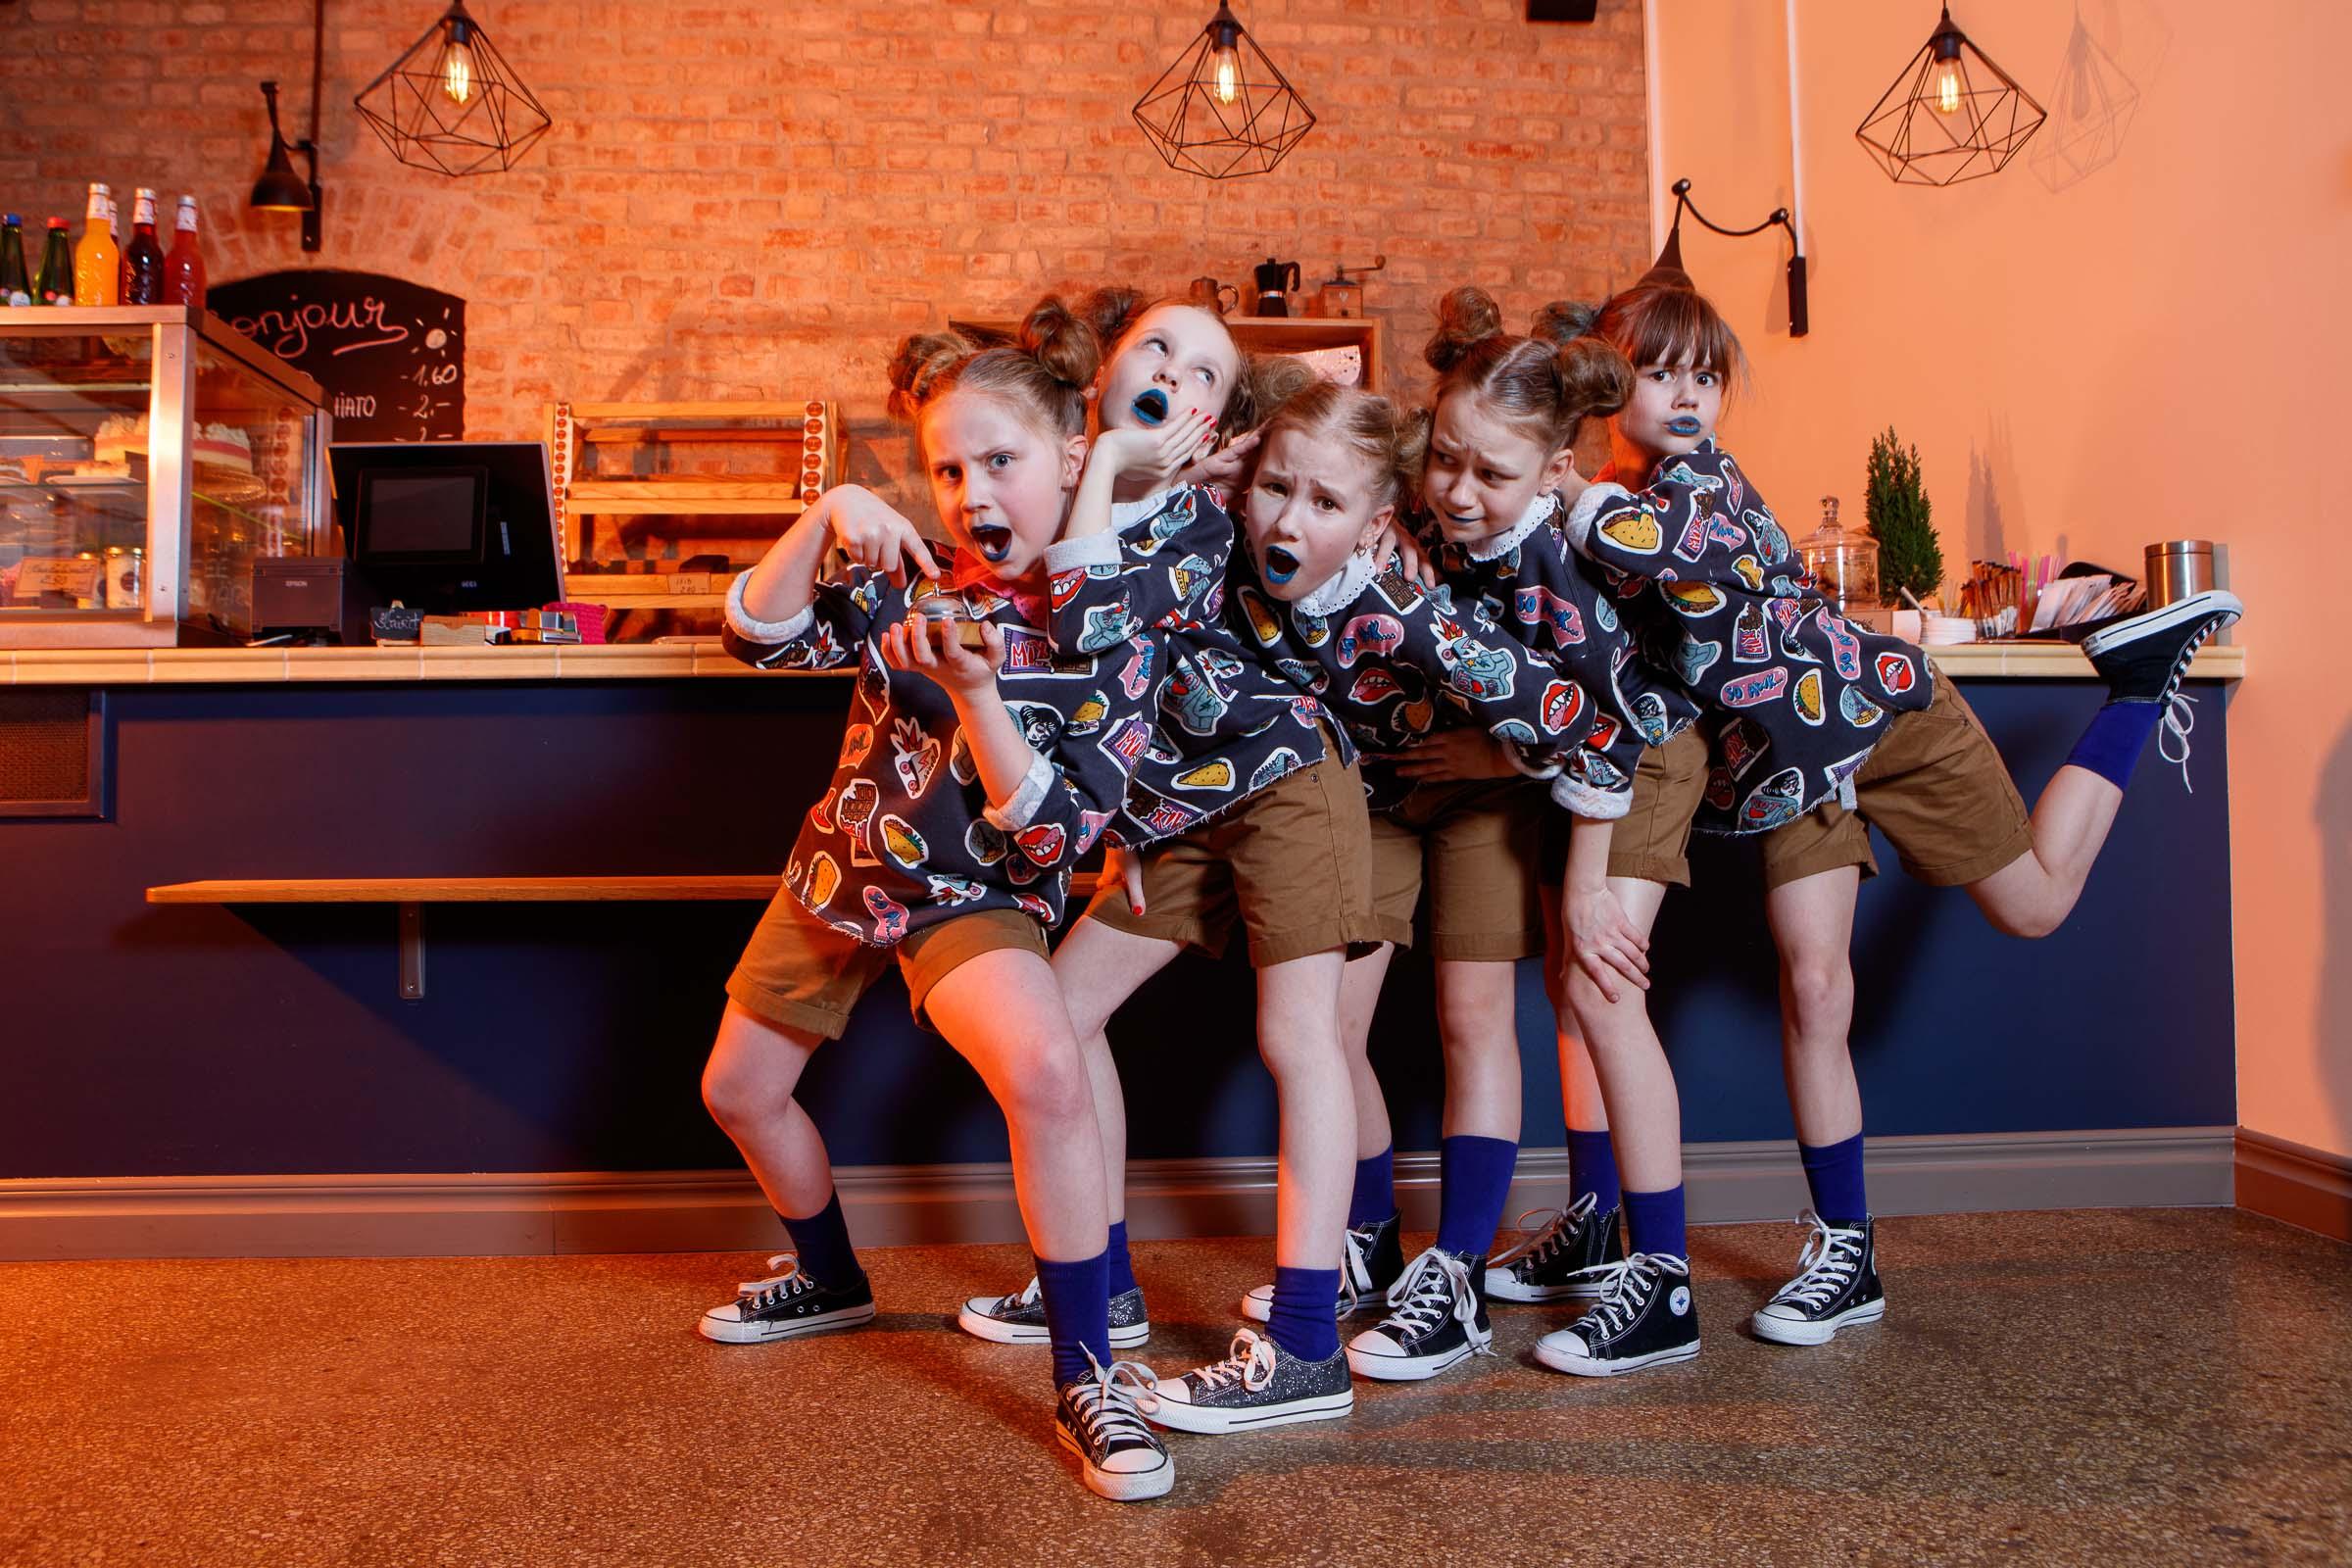 FACE-moe-ja-tantsukooli-tants-_Tort_-kohvikus-Caramel20